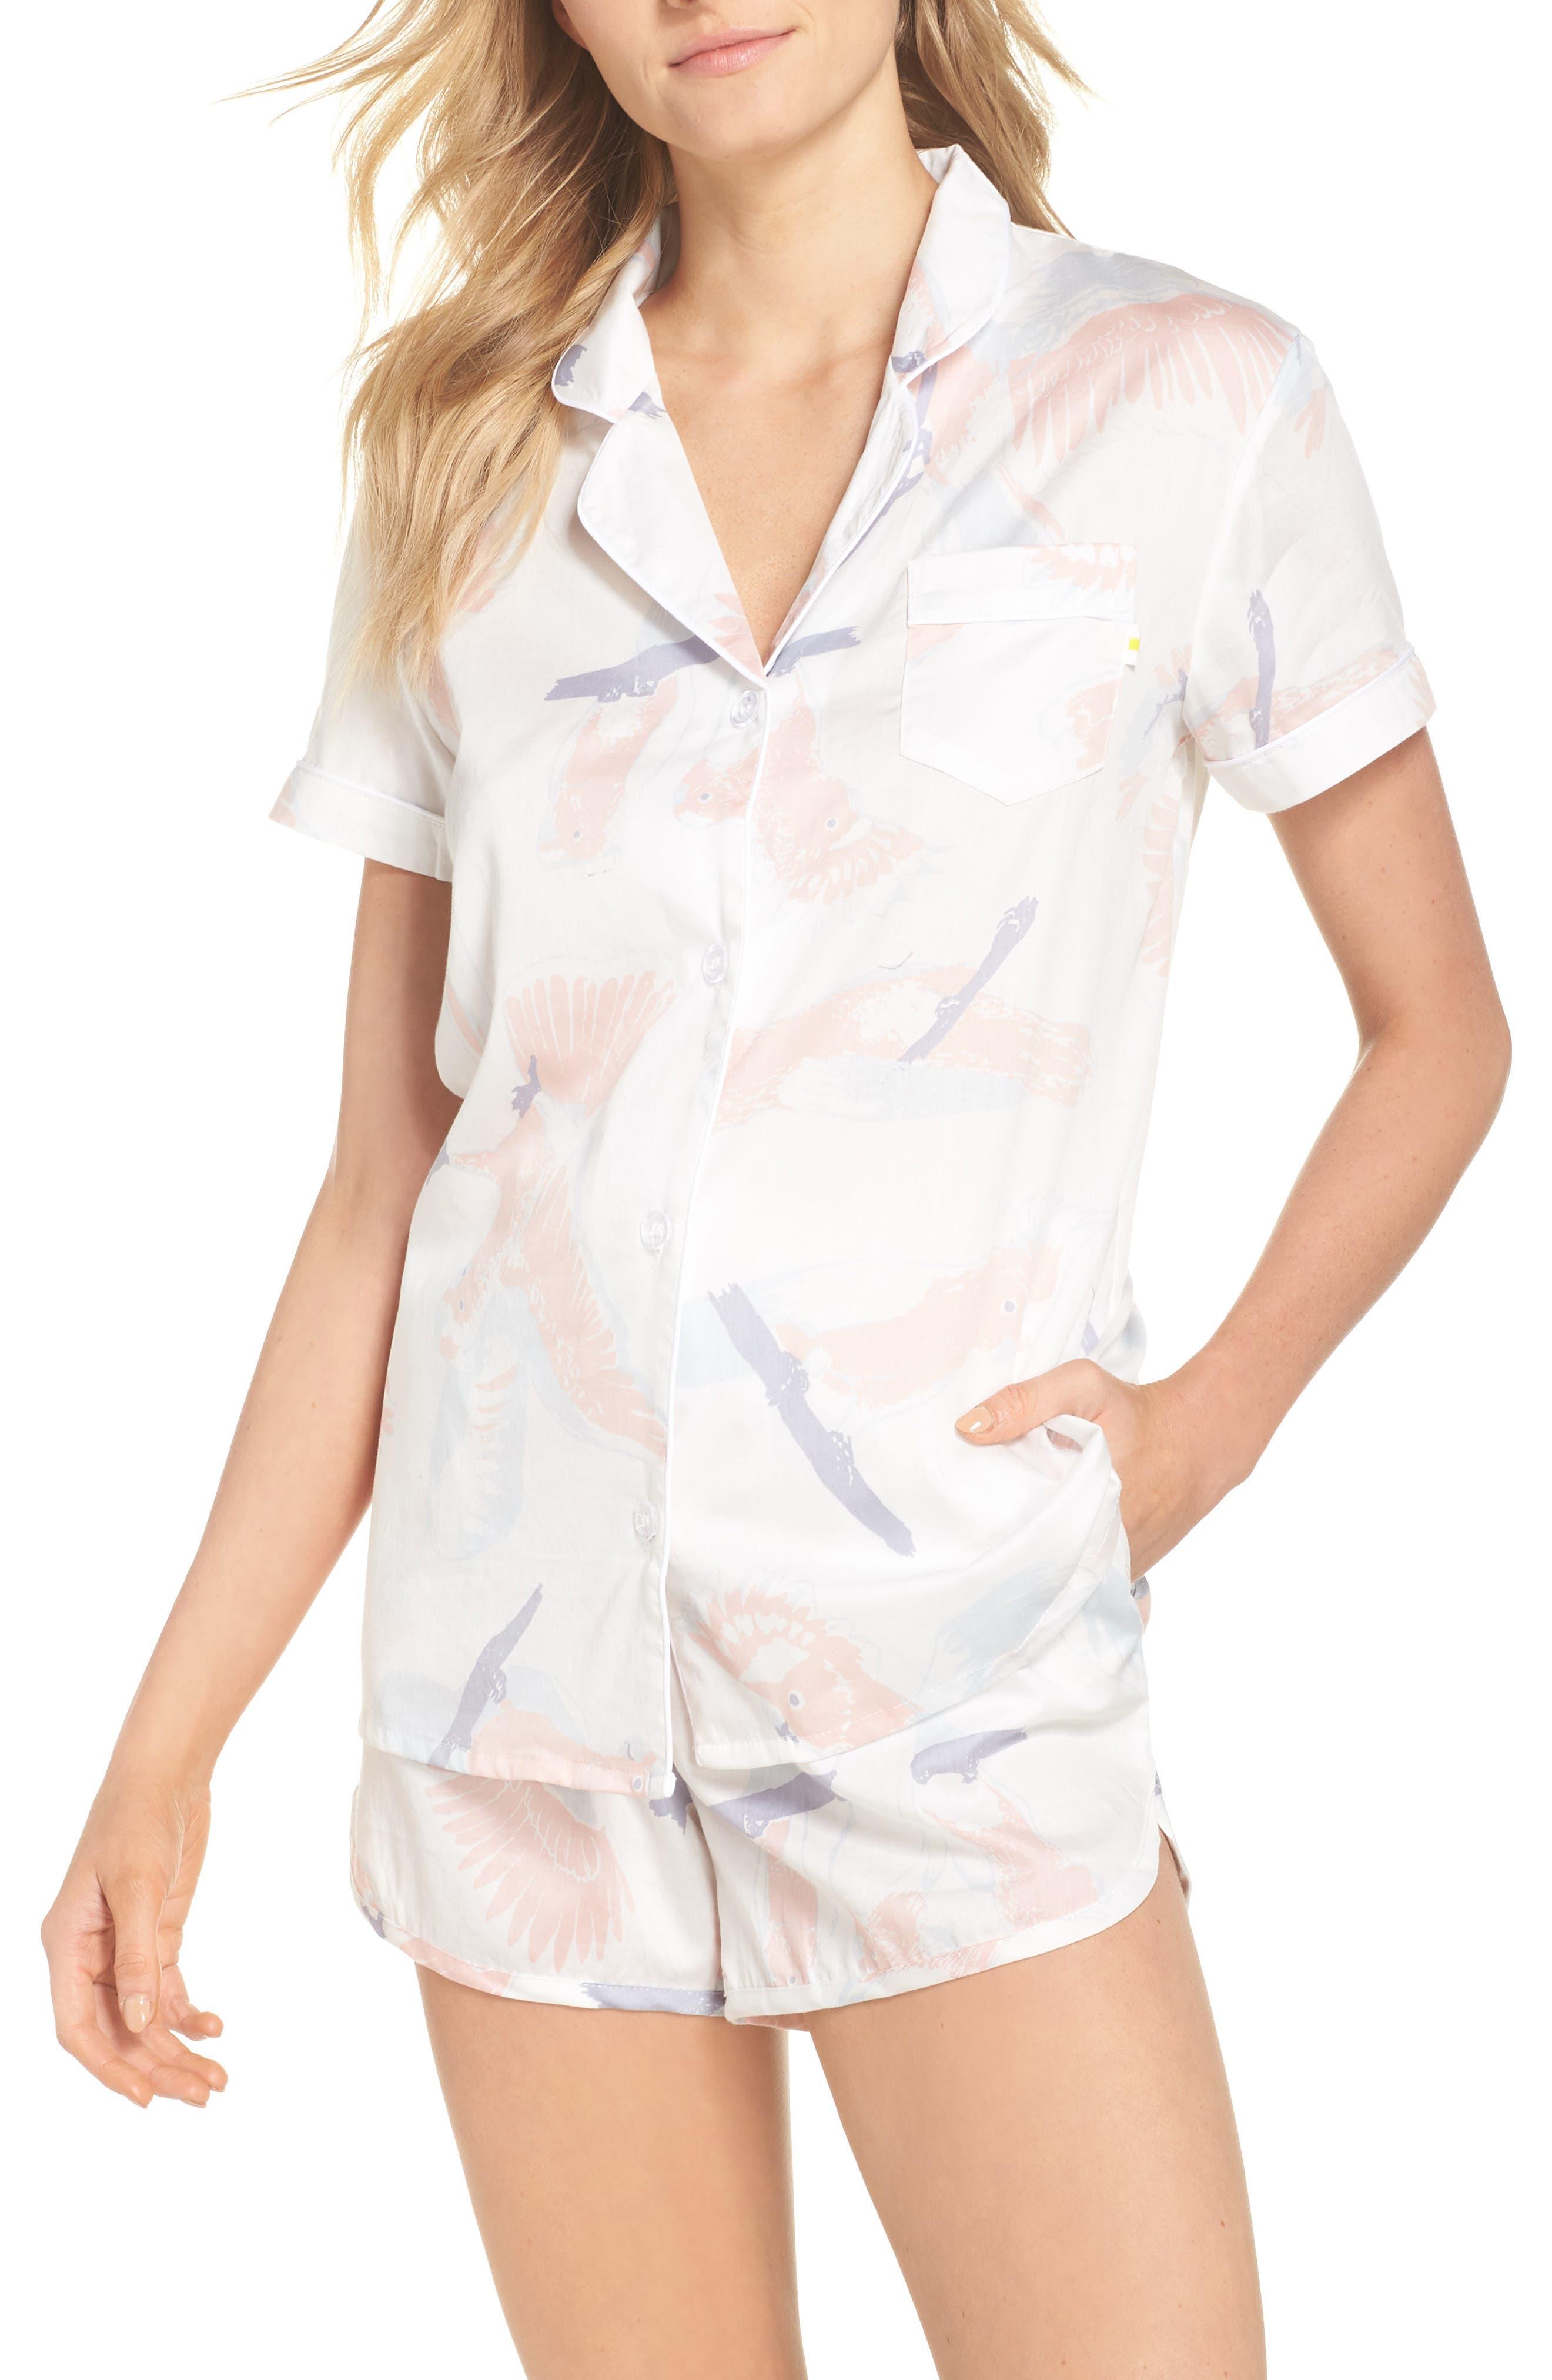 CHALMERS Cockatoos Short Pajamas, Main, color, 111